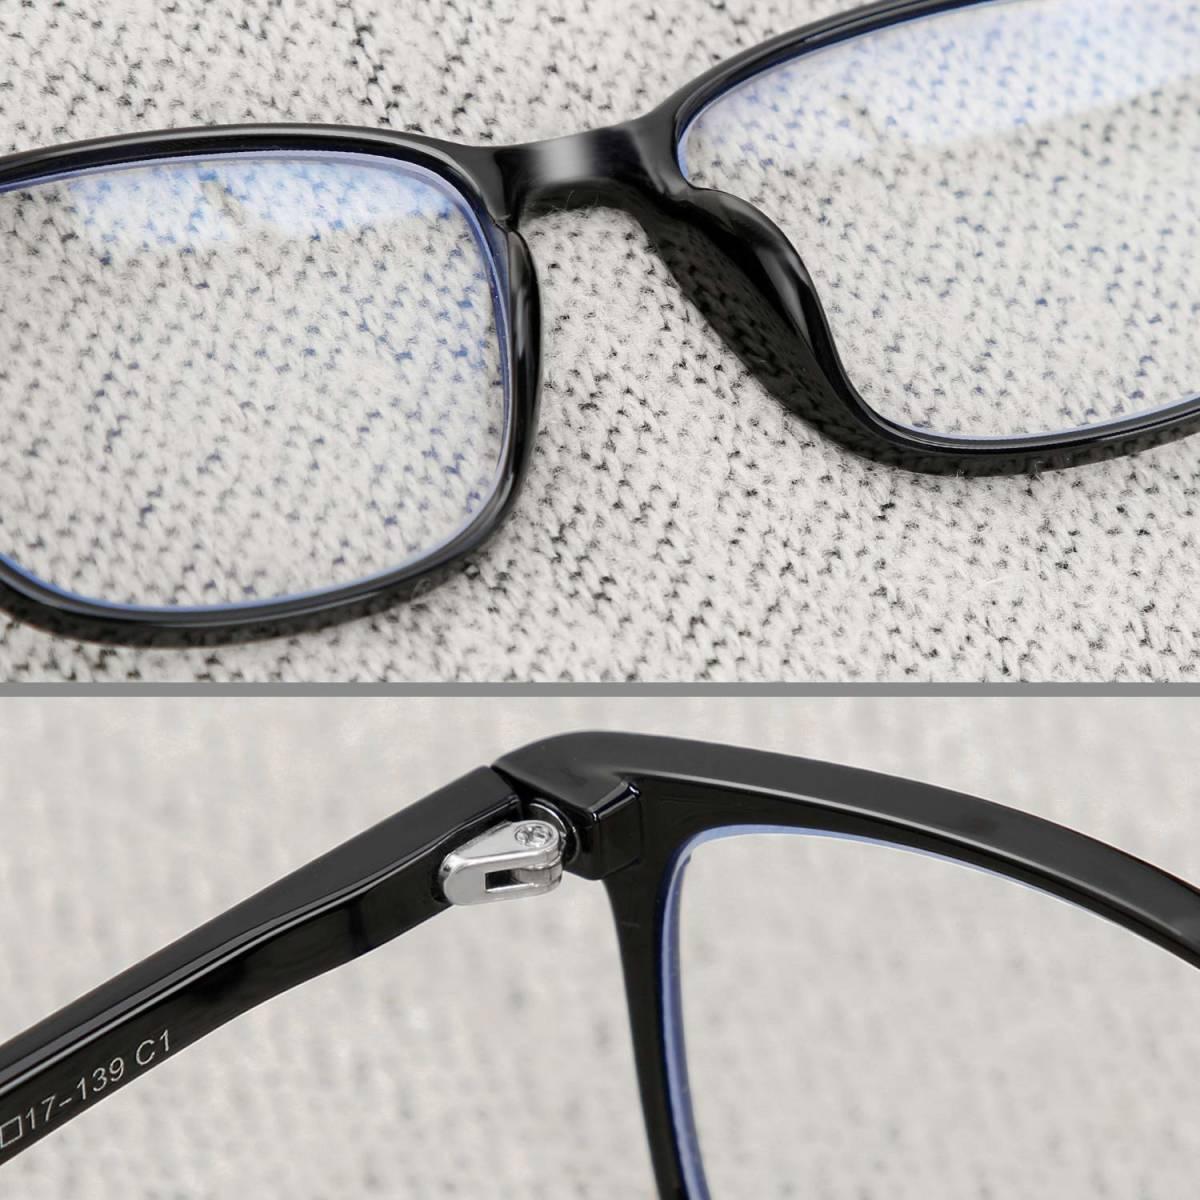 新品●Jawwei 伊達メガネ おしゃれ ブルーライトカット pcメガネ TR90 超軽量 だて 眼鏡 ファッション メガネ uv 紫外線99%カット Y6838_画像7